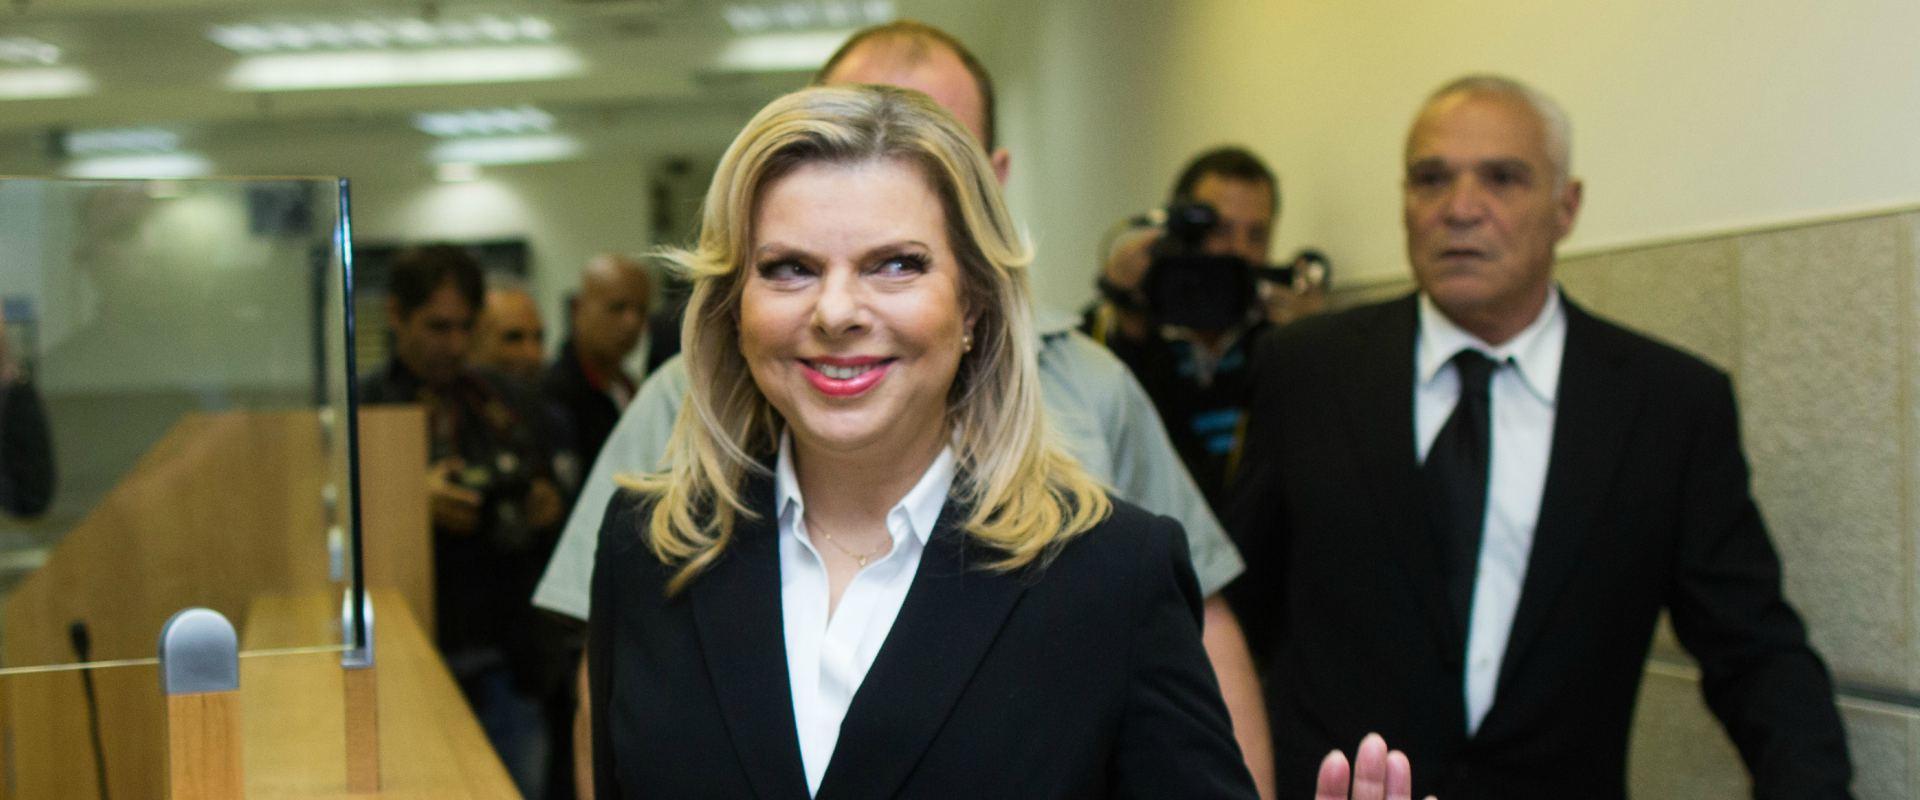 שרה נתניהו במעון ראש הממשלה